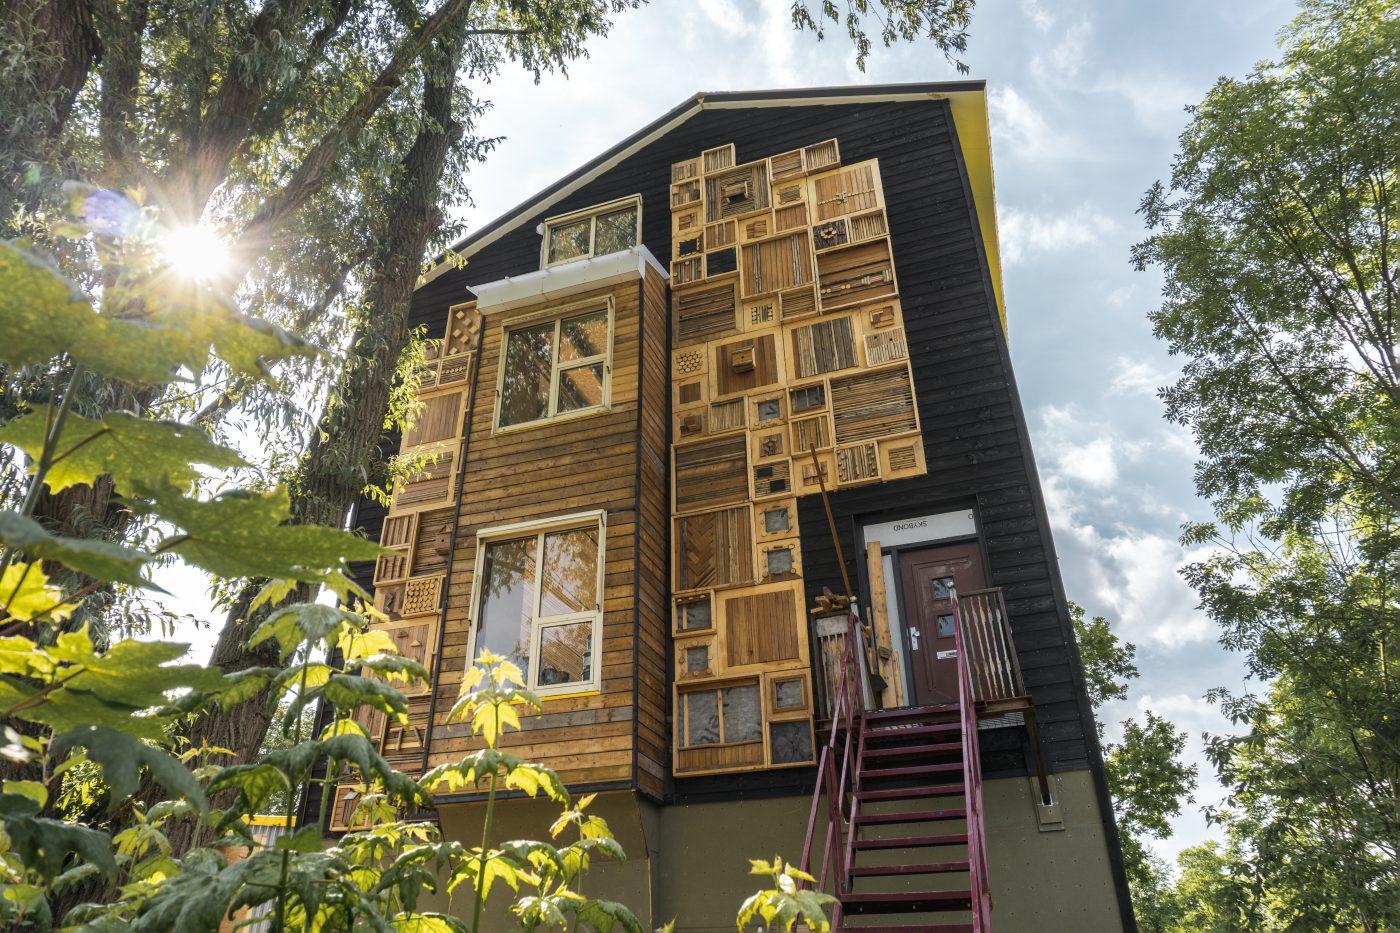 Boomtoren voor 99% gebouwd met gebruikte materialen